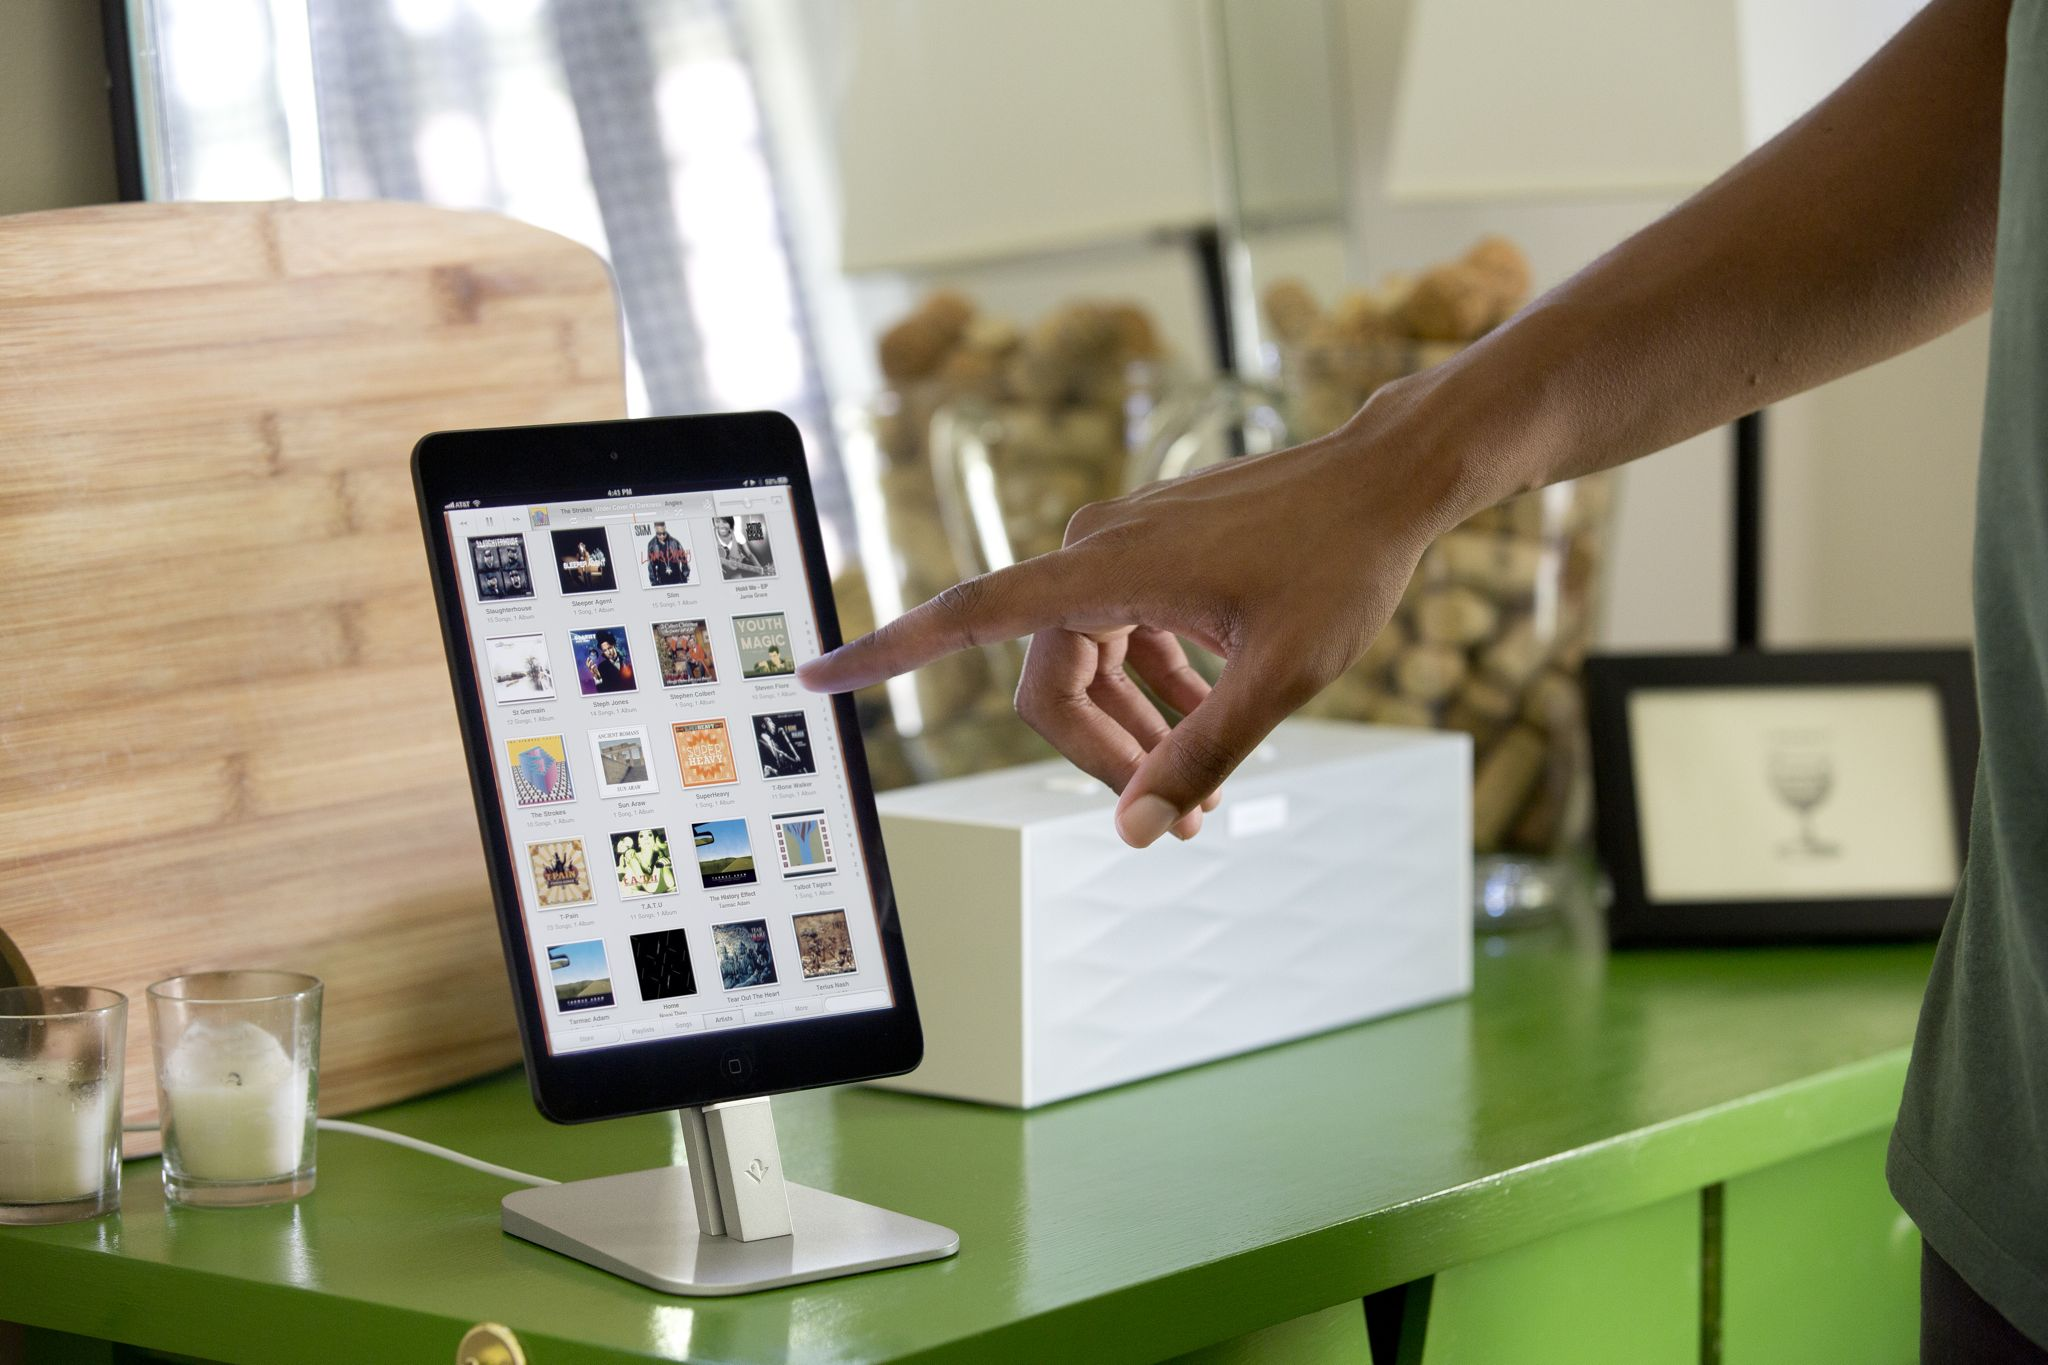 Новый iPad Mini станет миниатюрной версией iPad Air 2